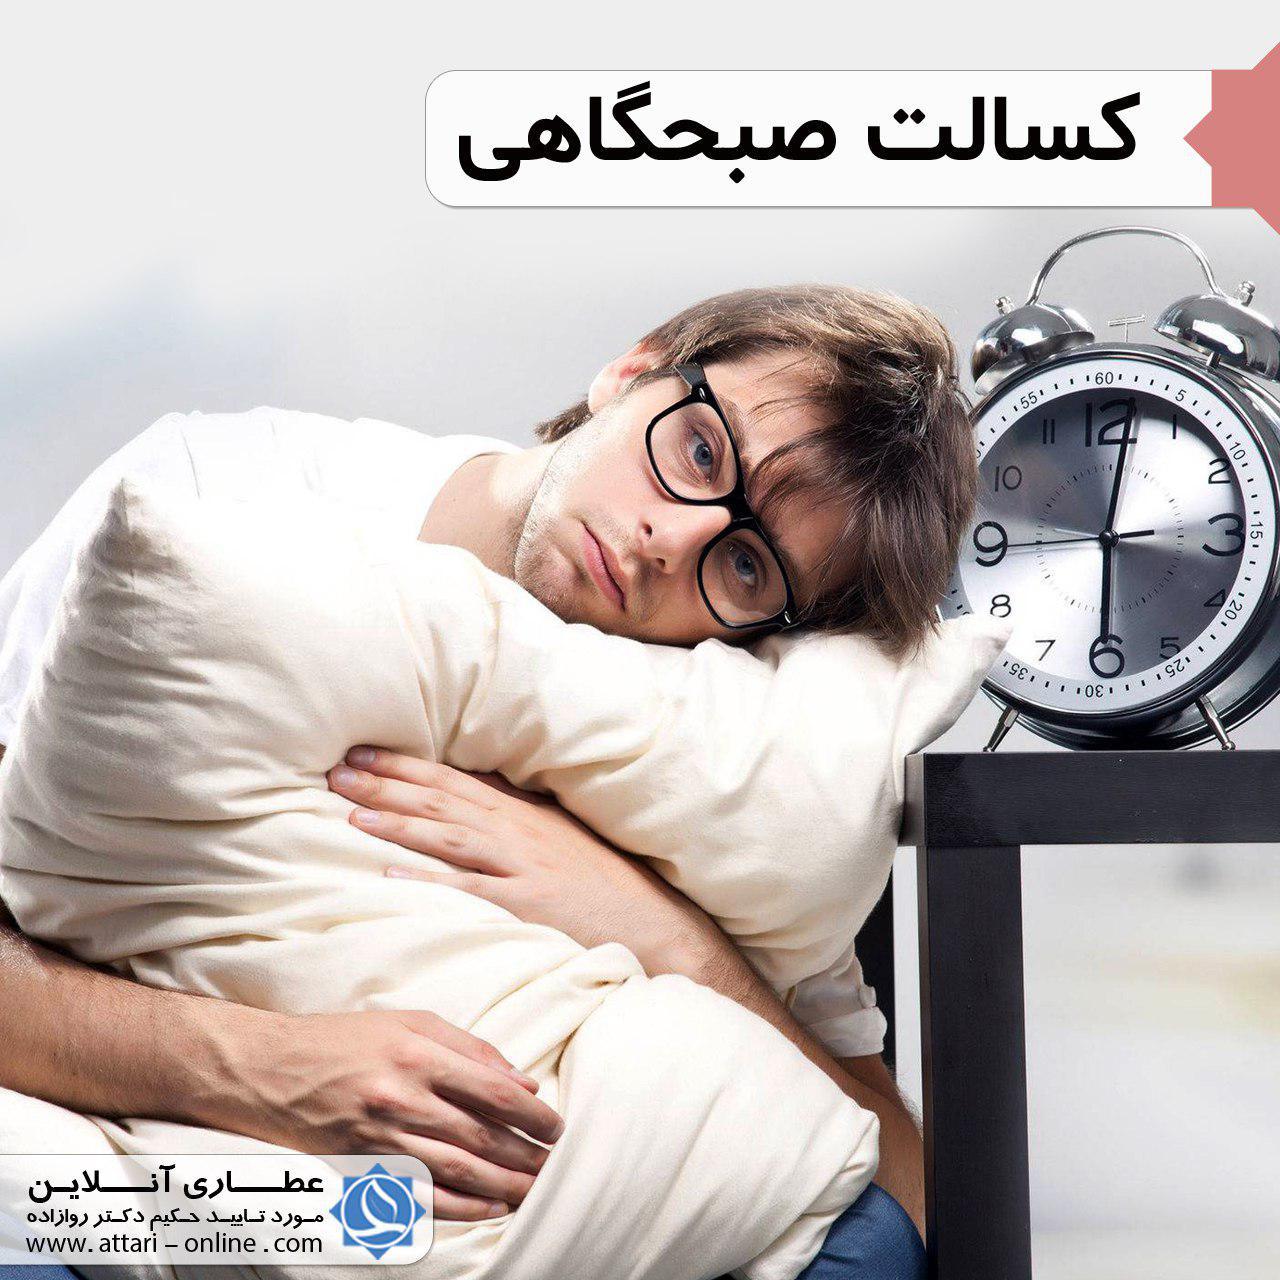 photo 2018 12 11 10 16 04 دلیل کسالت صبحگاهي